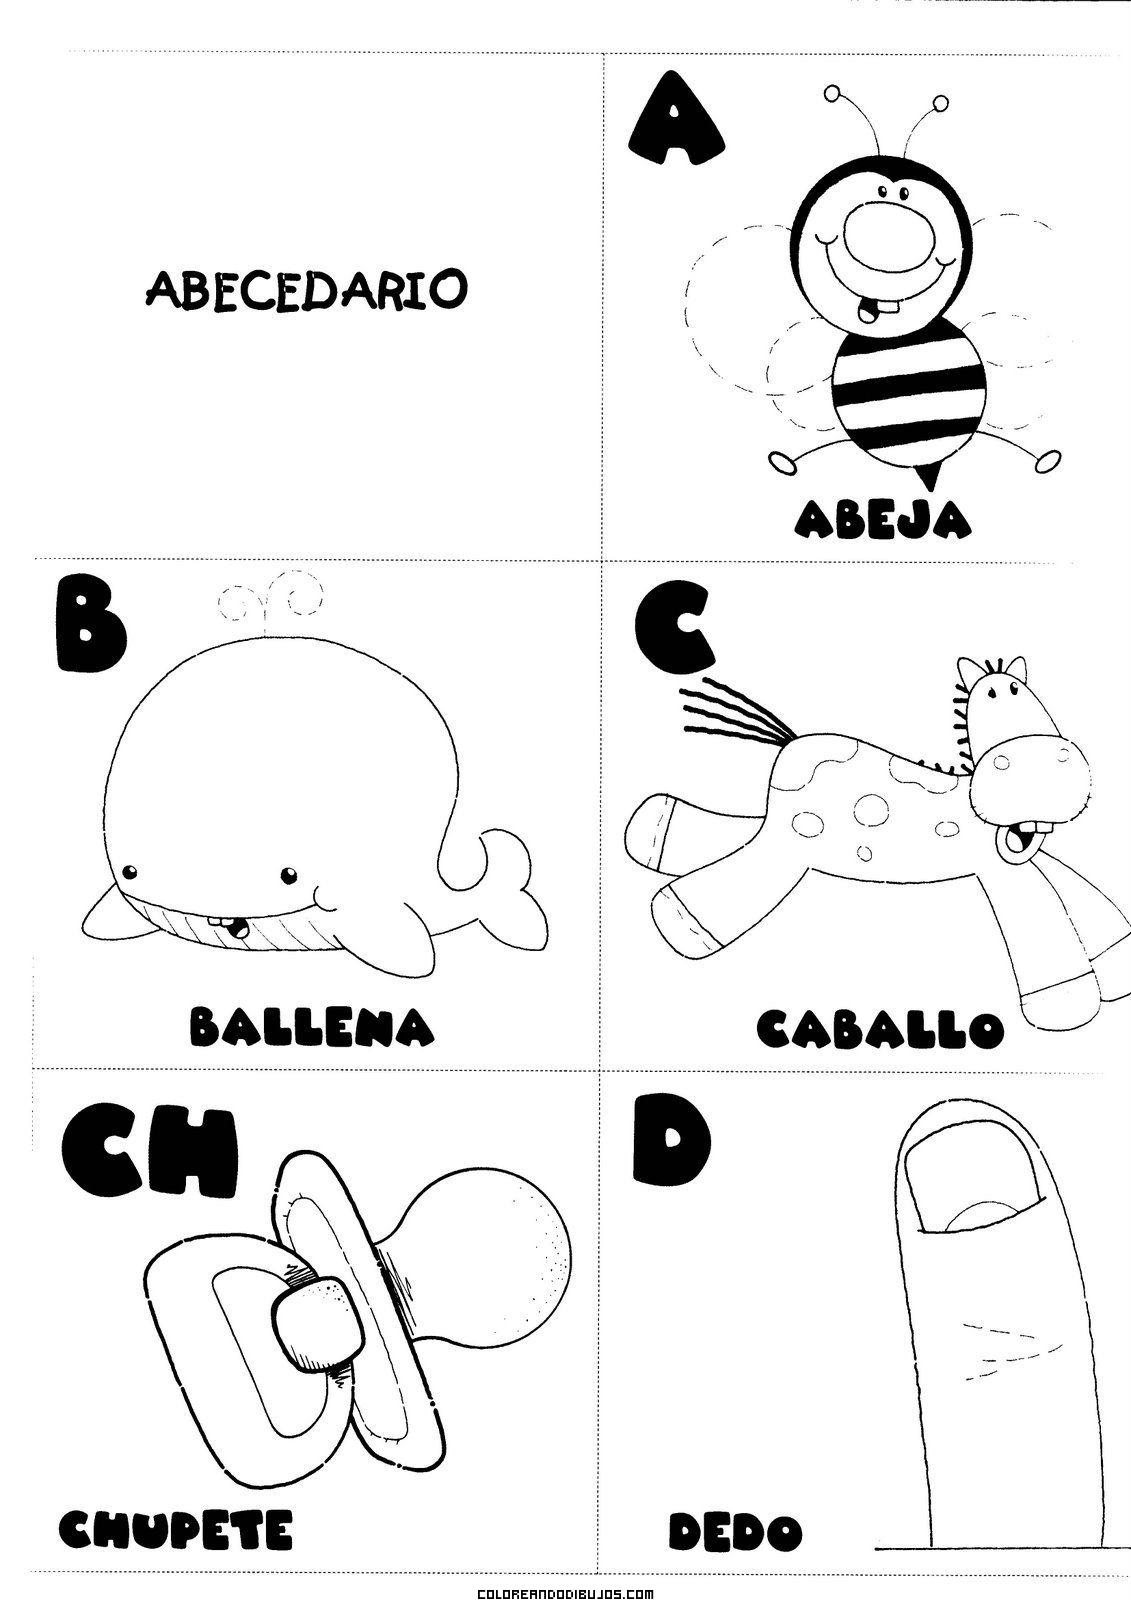 Letras A, B, C, CH, D para colorear